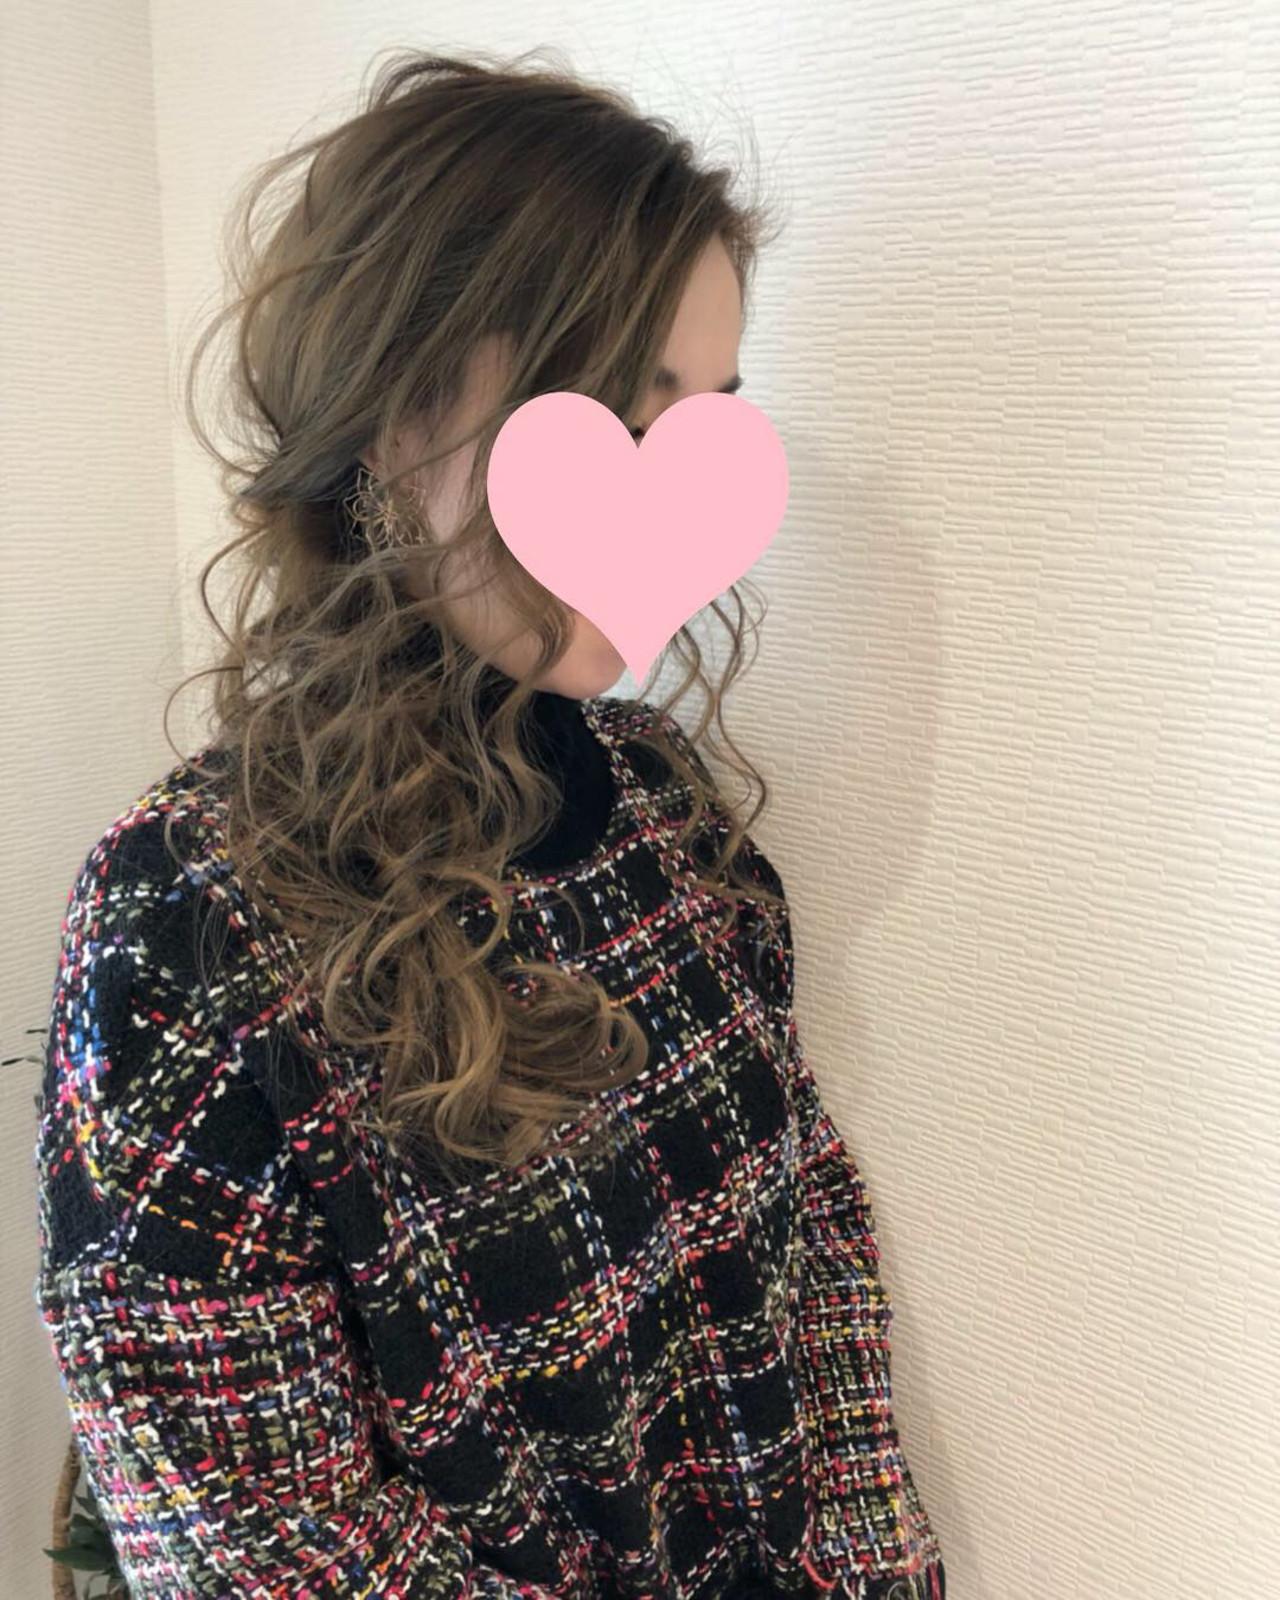 ヘアアレンジ ロング サイドアップ 編み込み ヘアスタイルや髪型の写真・画像 | mai / HAIR SALON STELLA